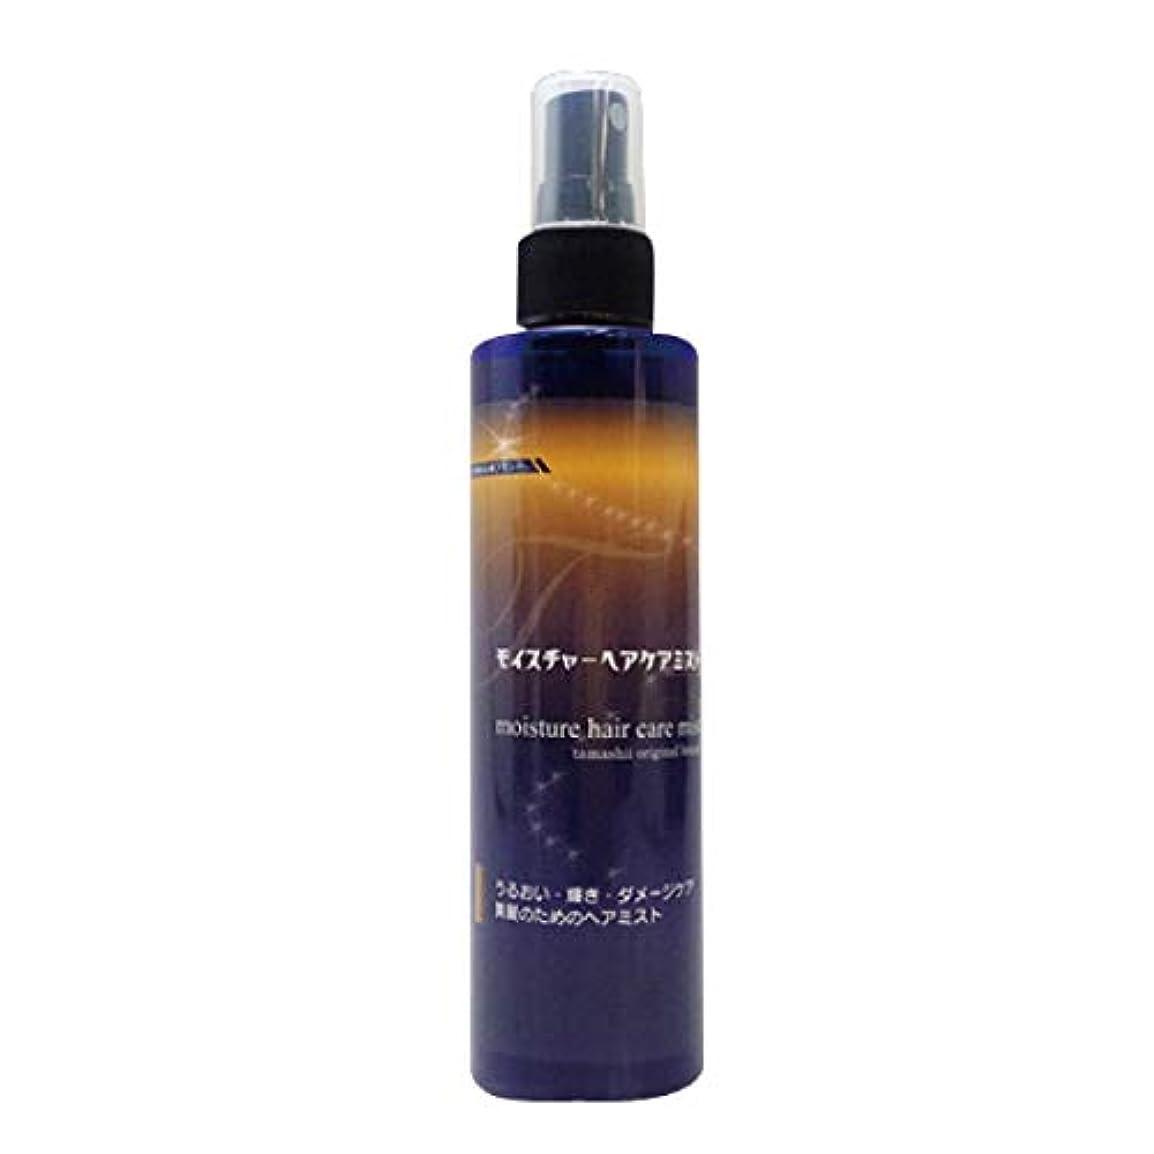 汚染する啓示パトロールモイスチャーヘアケアミスト200ml(無香料) ミストタイプのノンケミカル無添加トリートメント(髪の美容液)